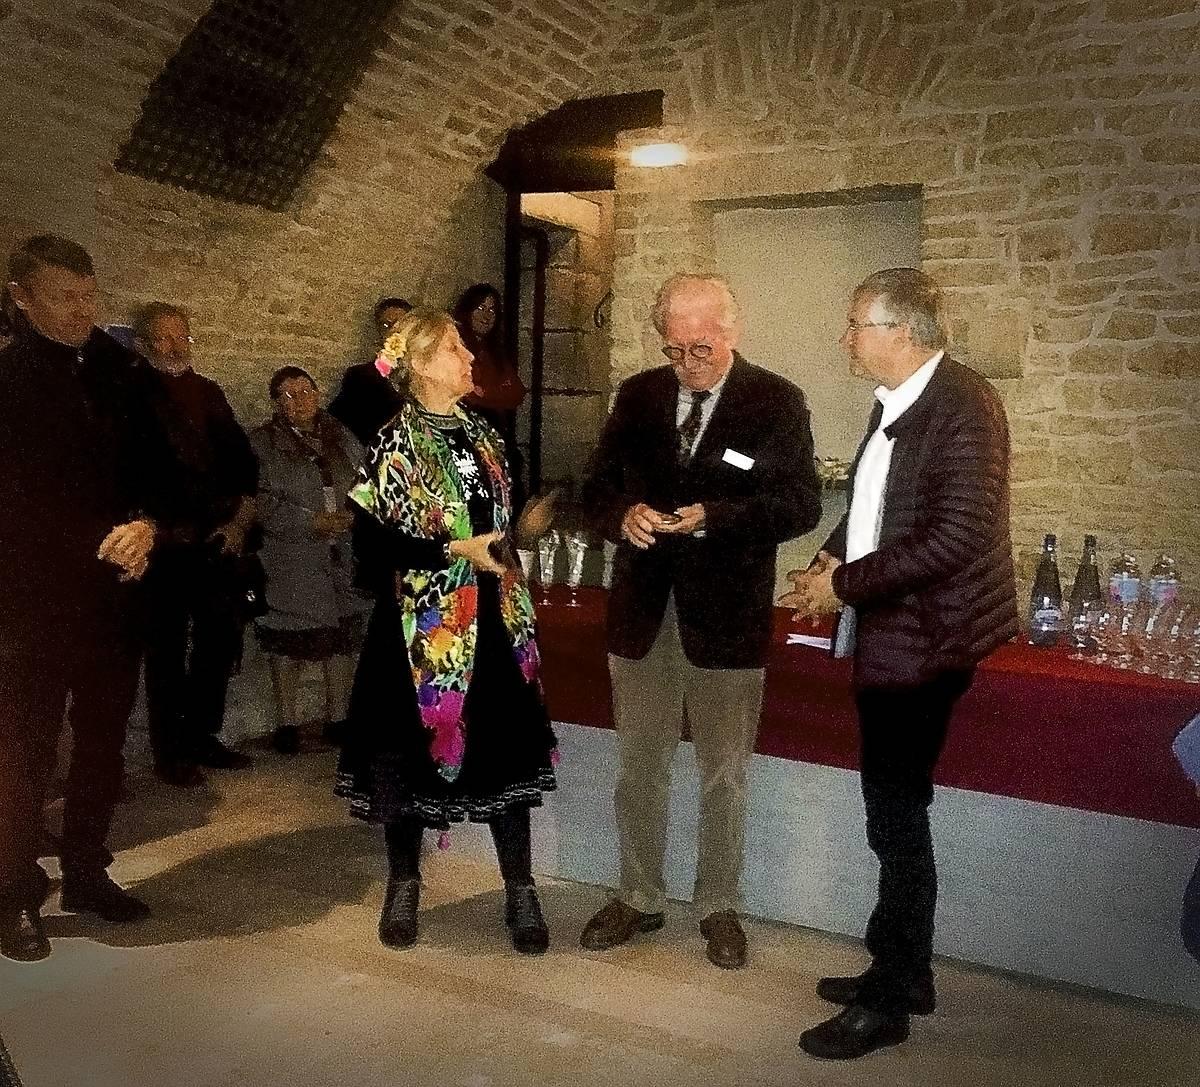 Bernard Saint-Arroman en train de contempler la médaille en présence de son épouse et de Guy Bédel